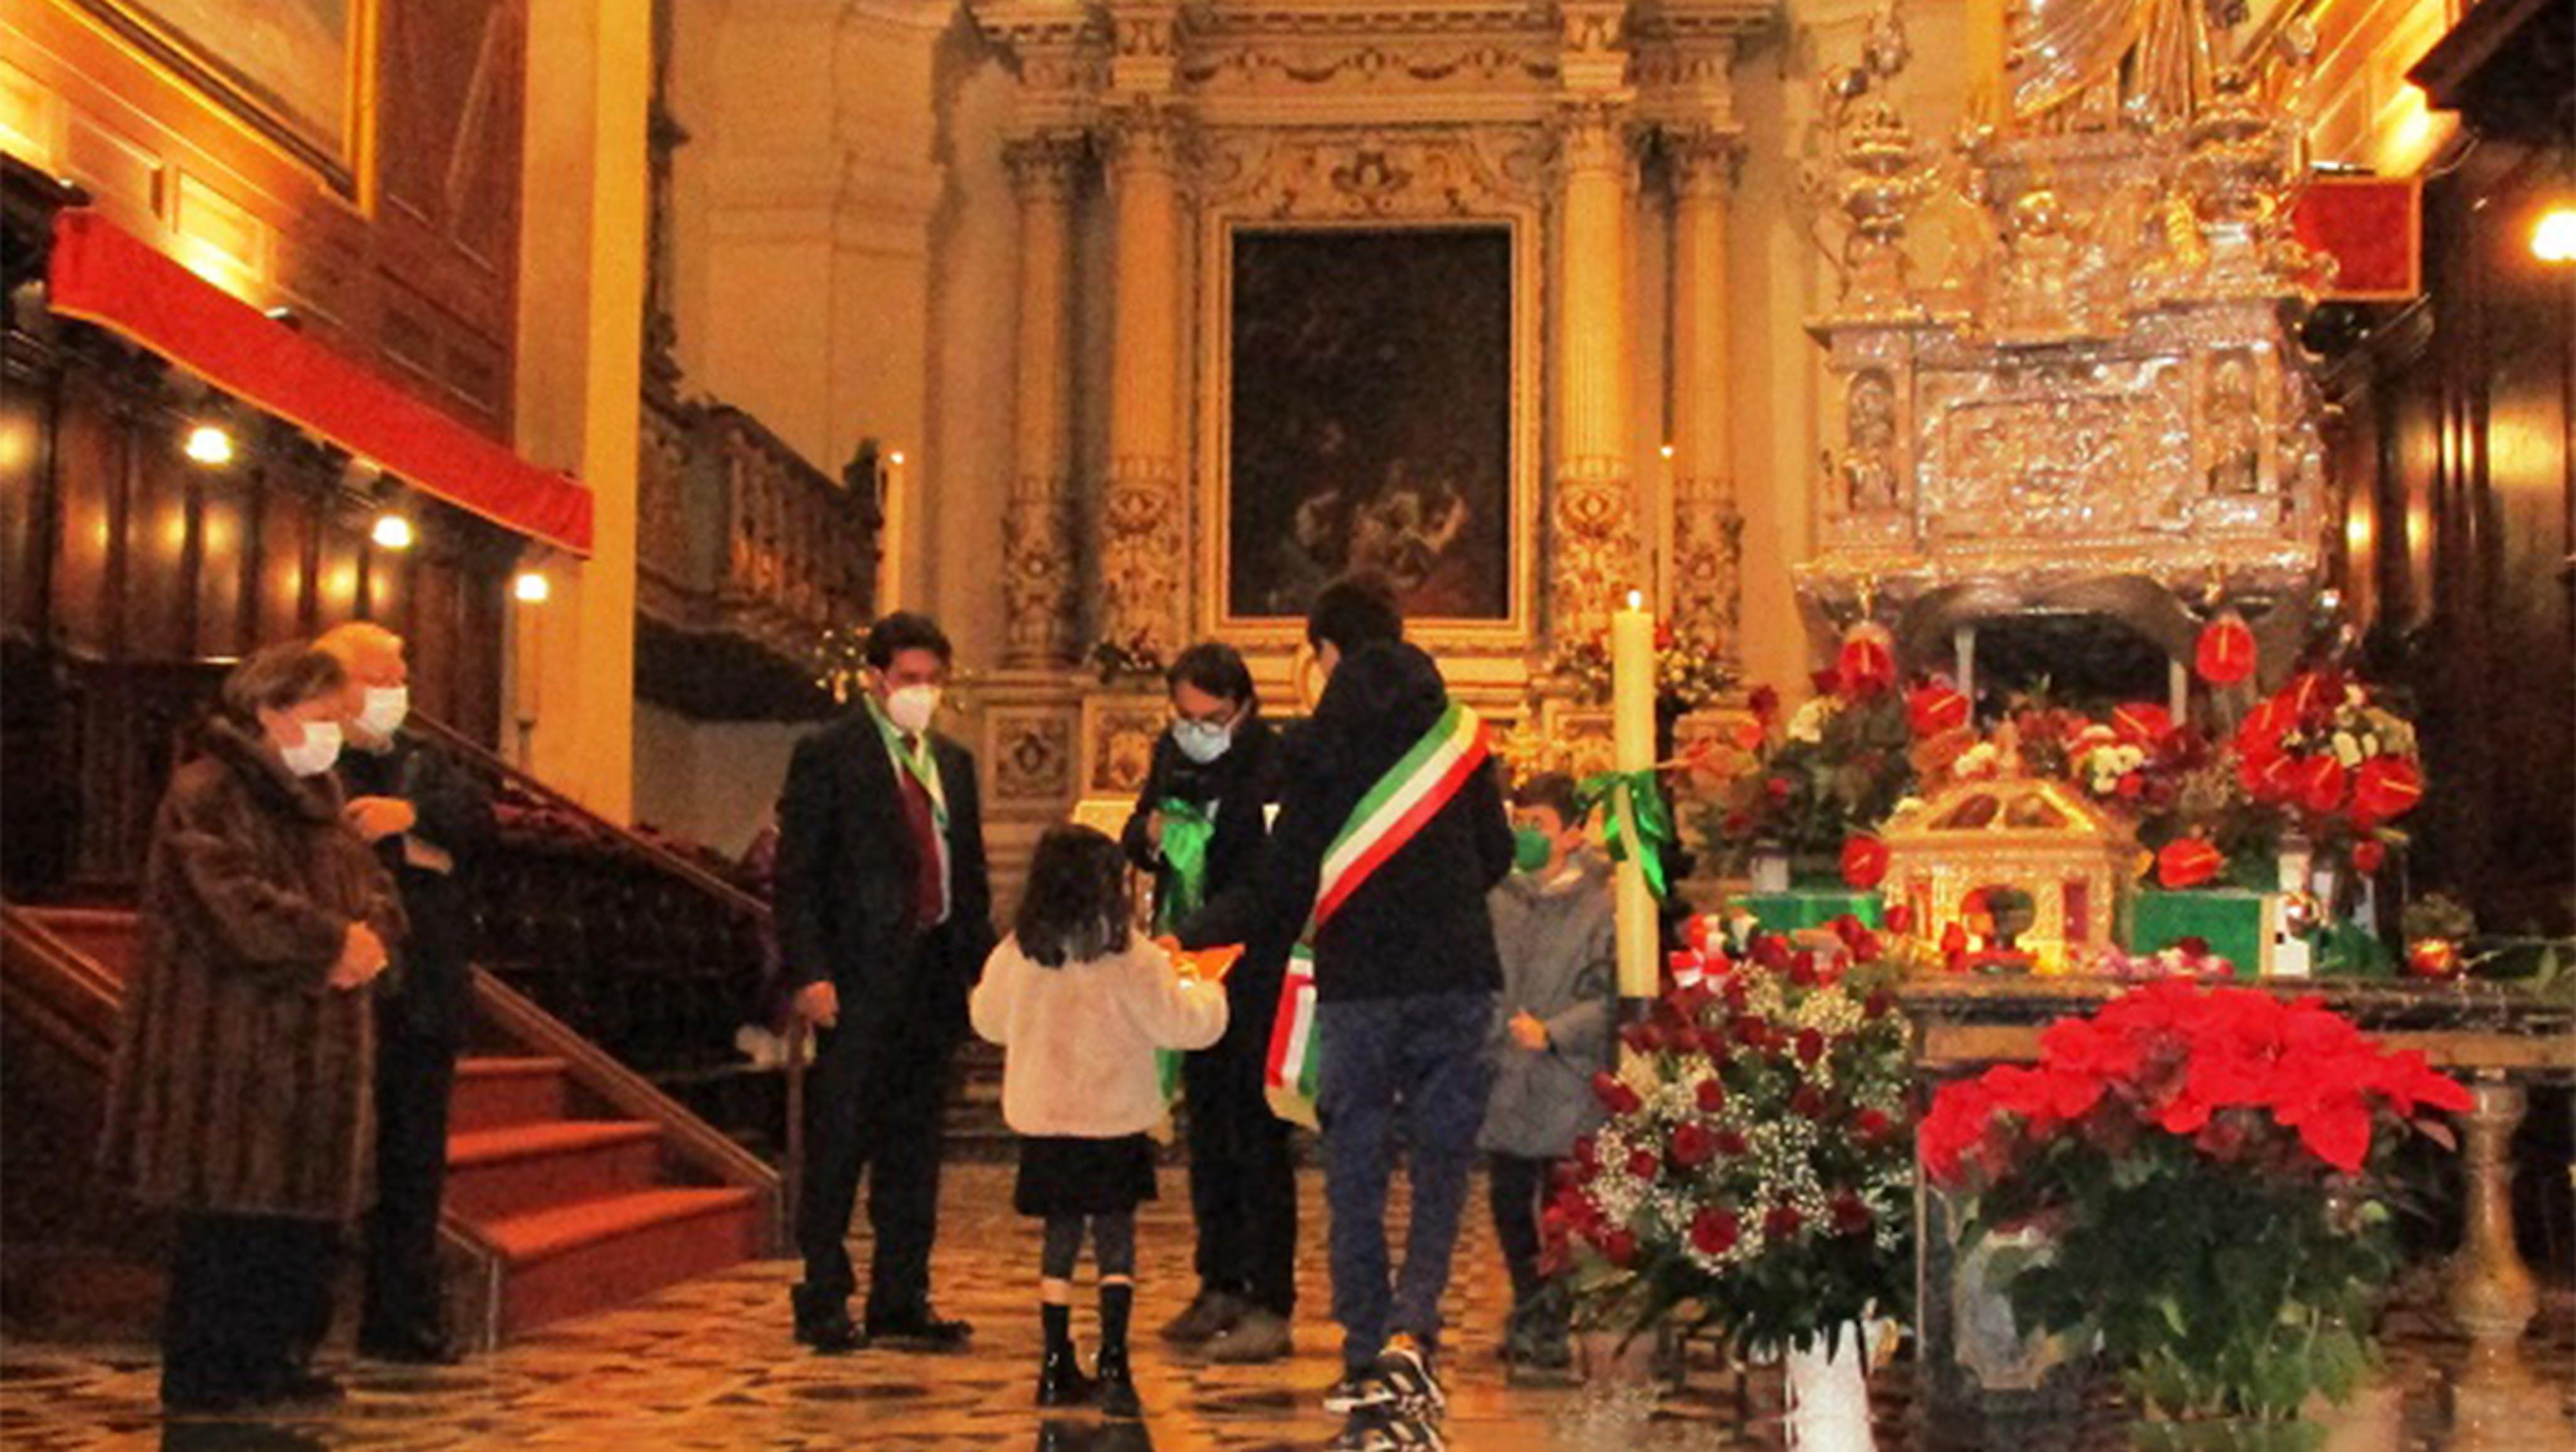 La consegna delle lettere alla cattedrale di Siracusa